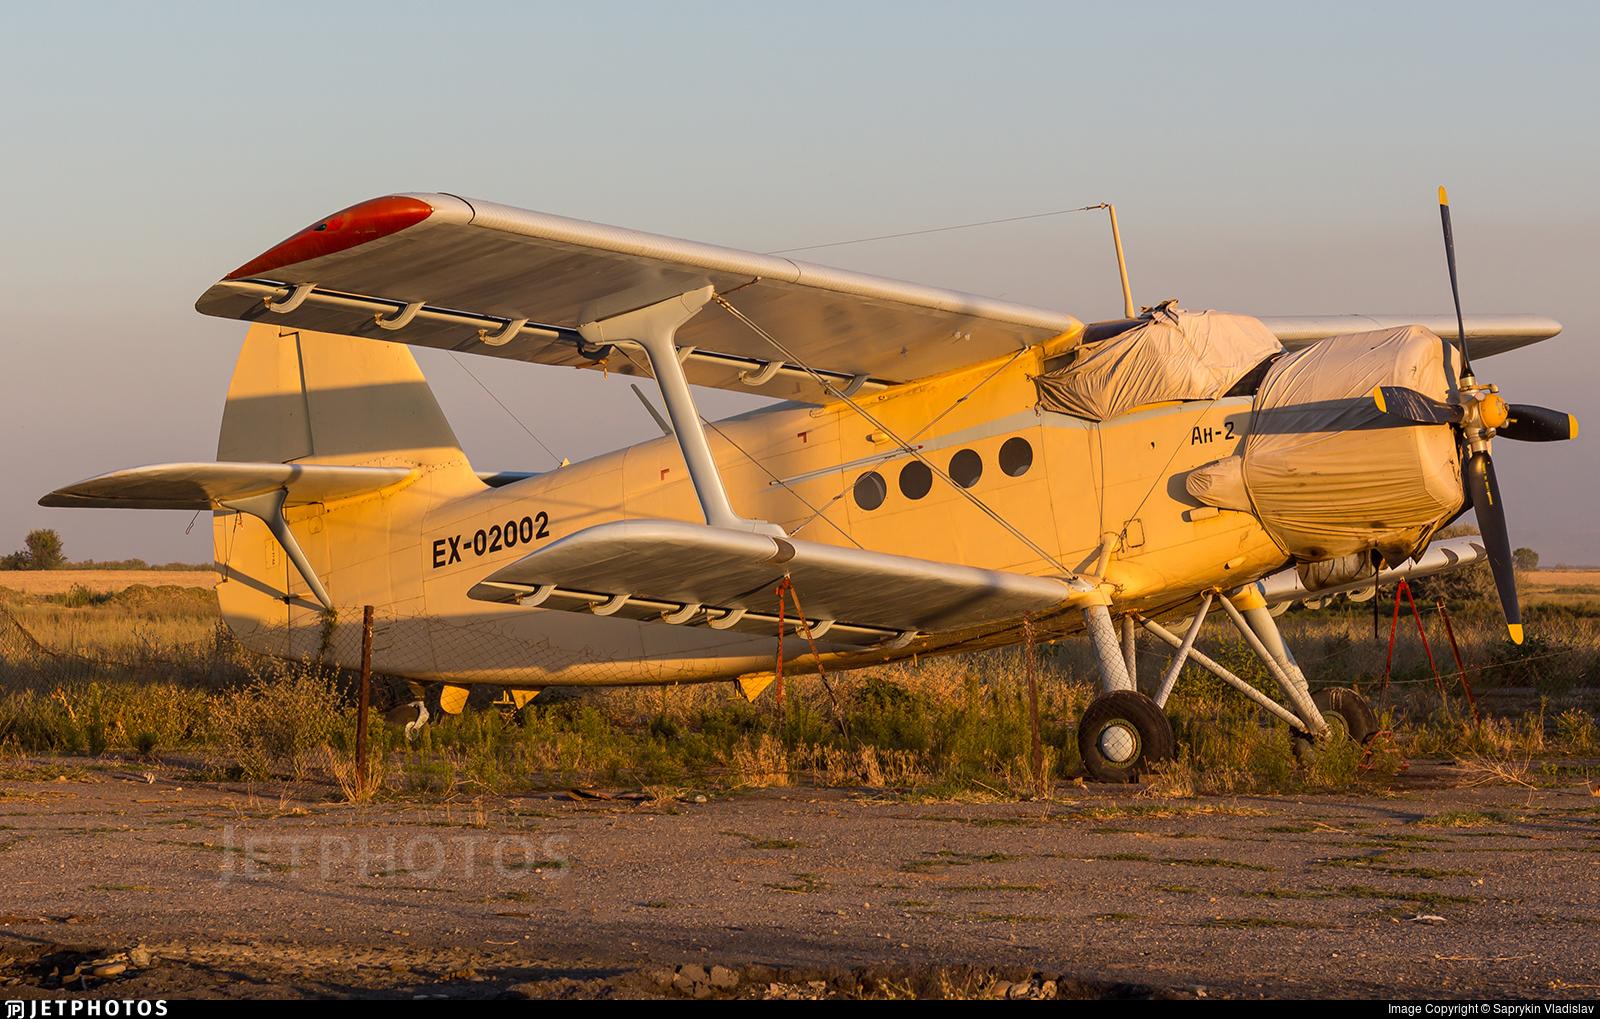 EX-02002 - PZL-Mielec An-2 - Manas Airways